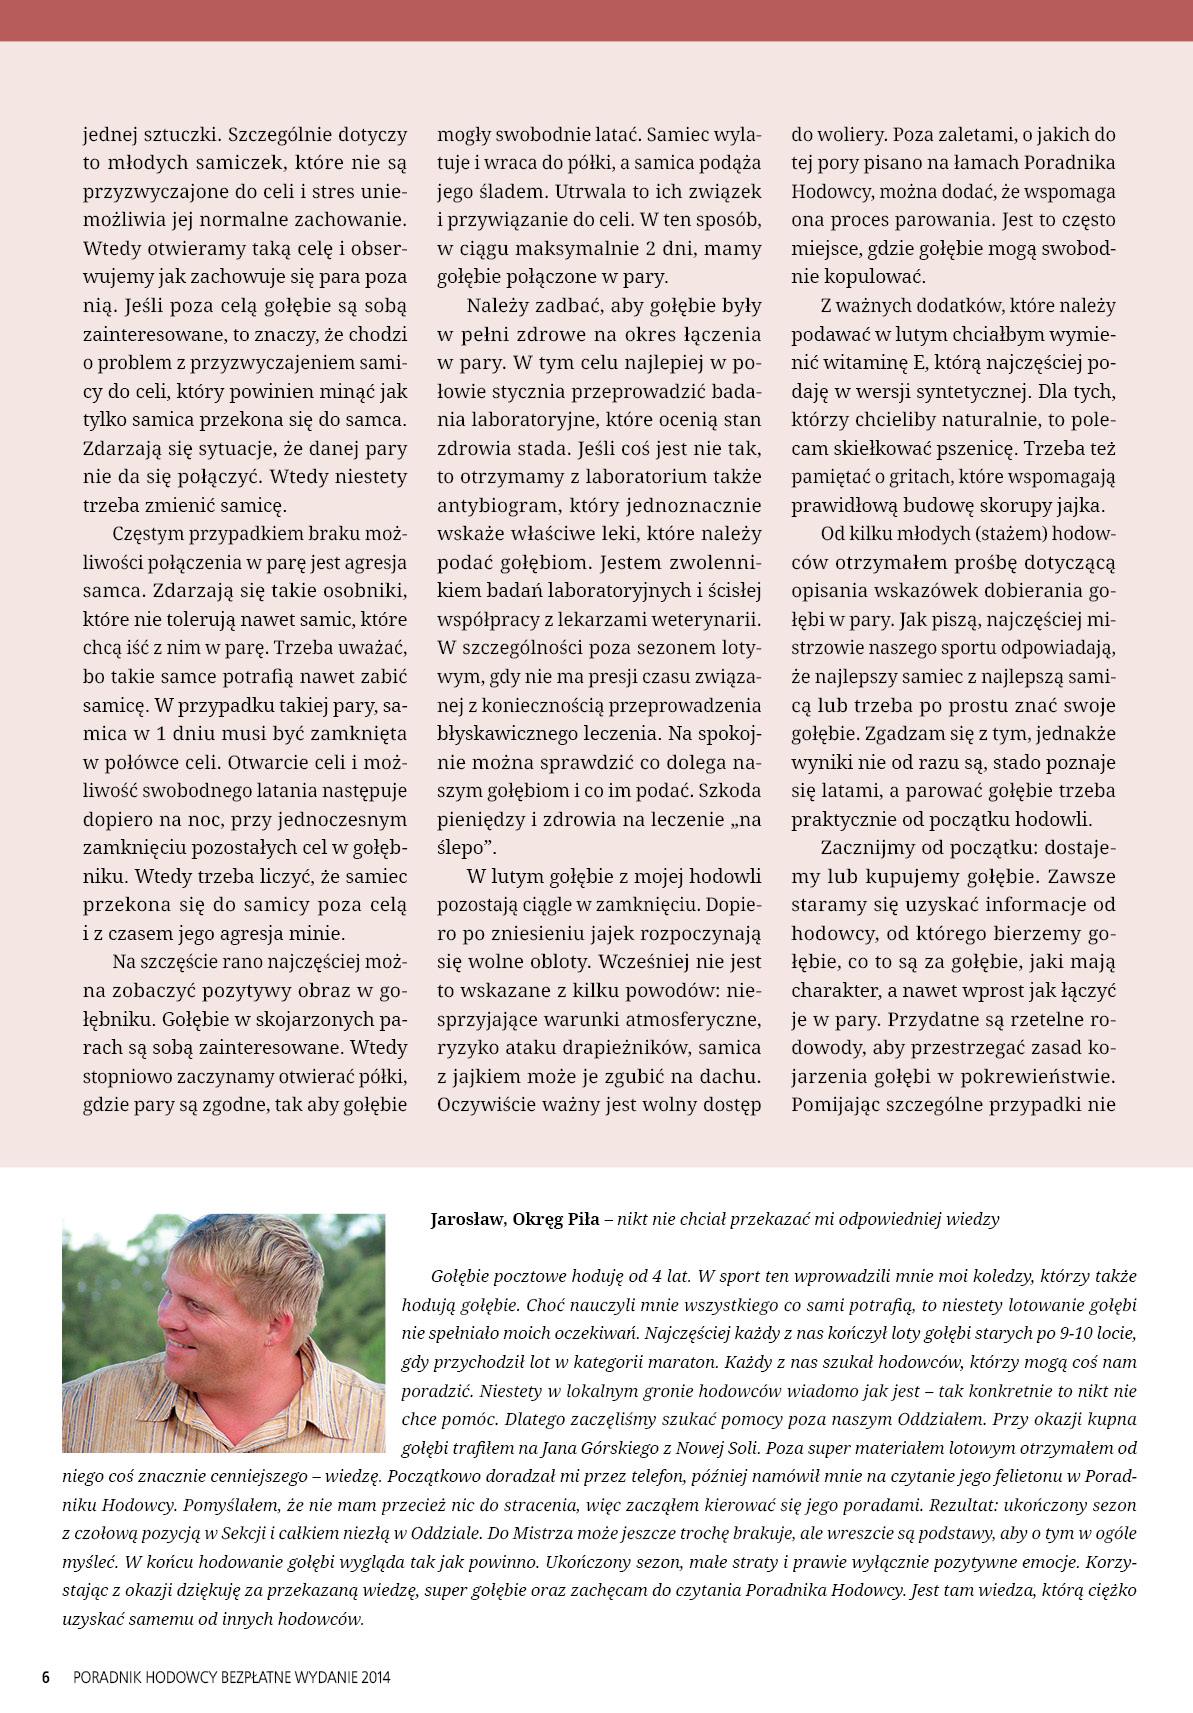 Darmowy numer specjalny Poradnika Hodowcy 2014 - strona 6